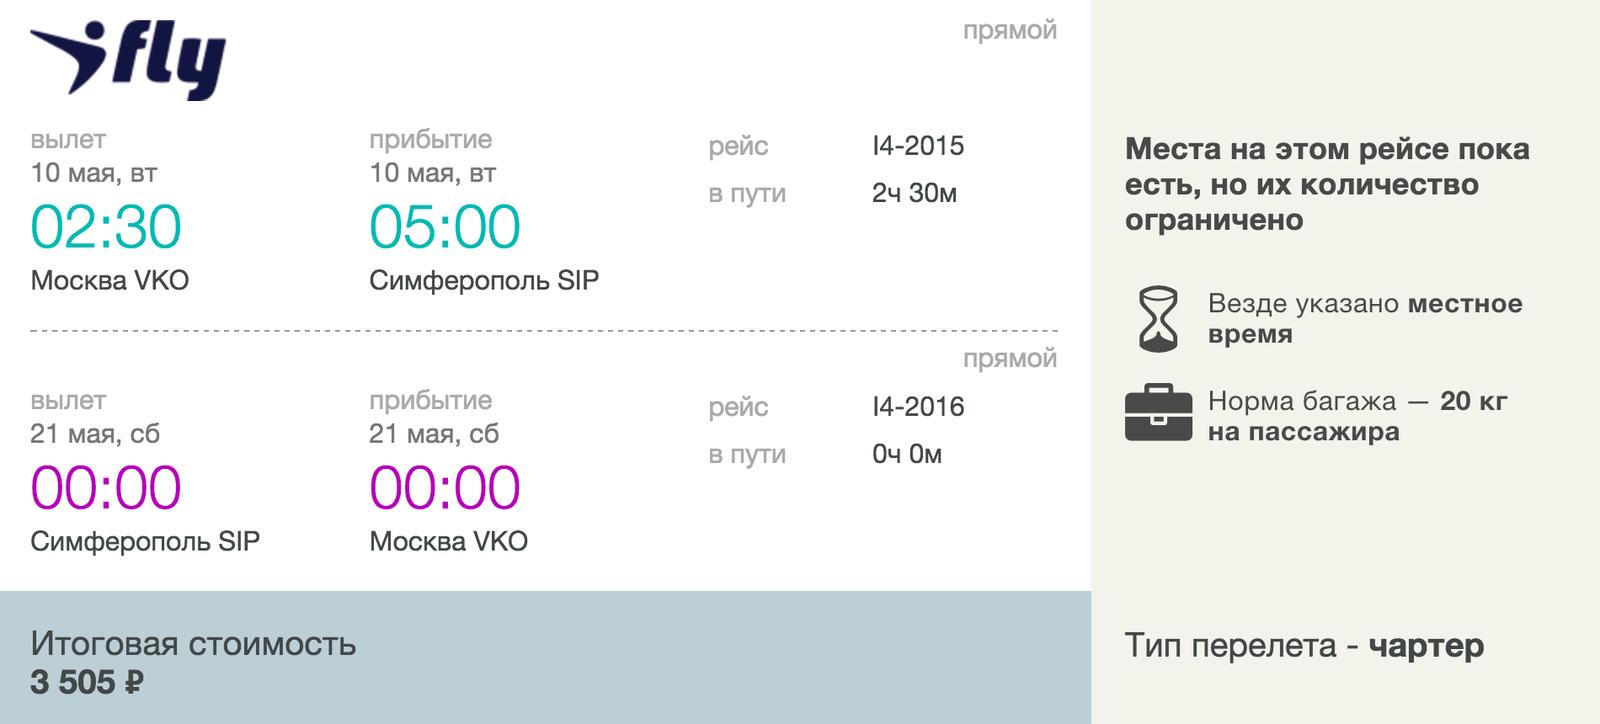 авиабилеты симферополь москва 2015